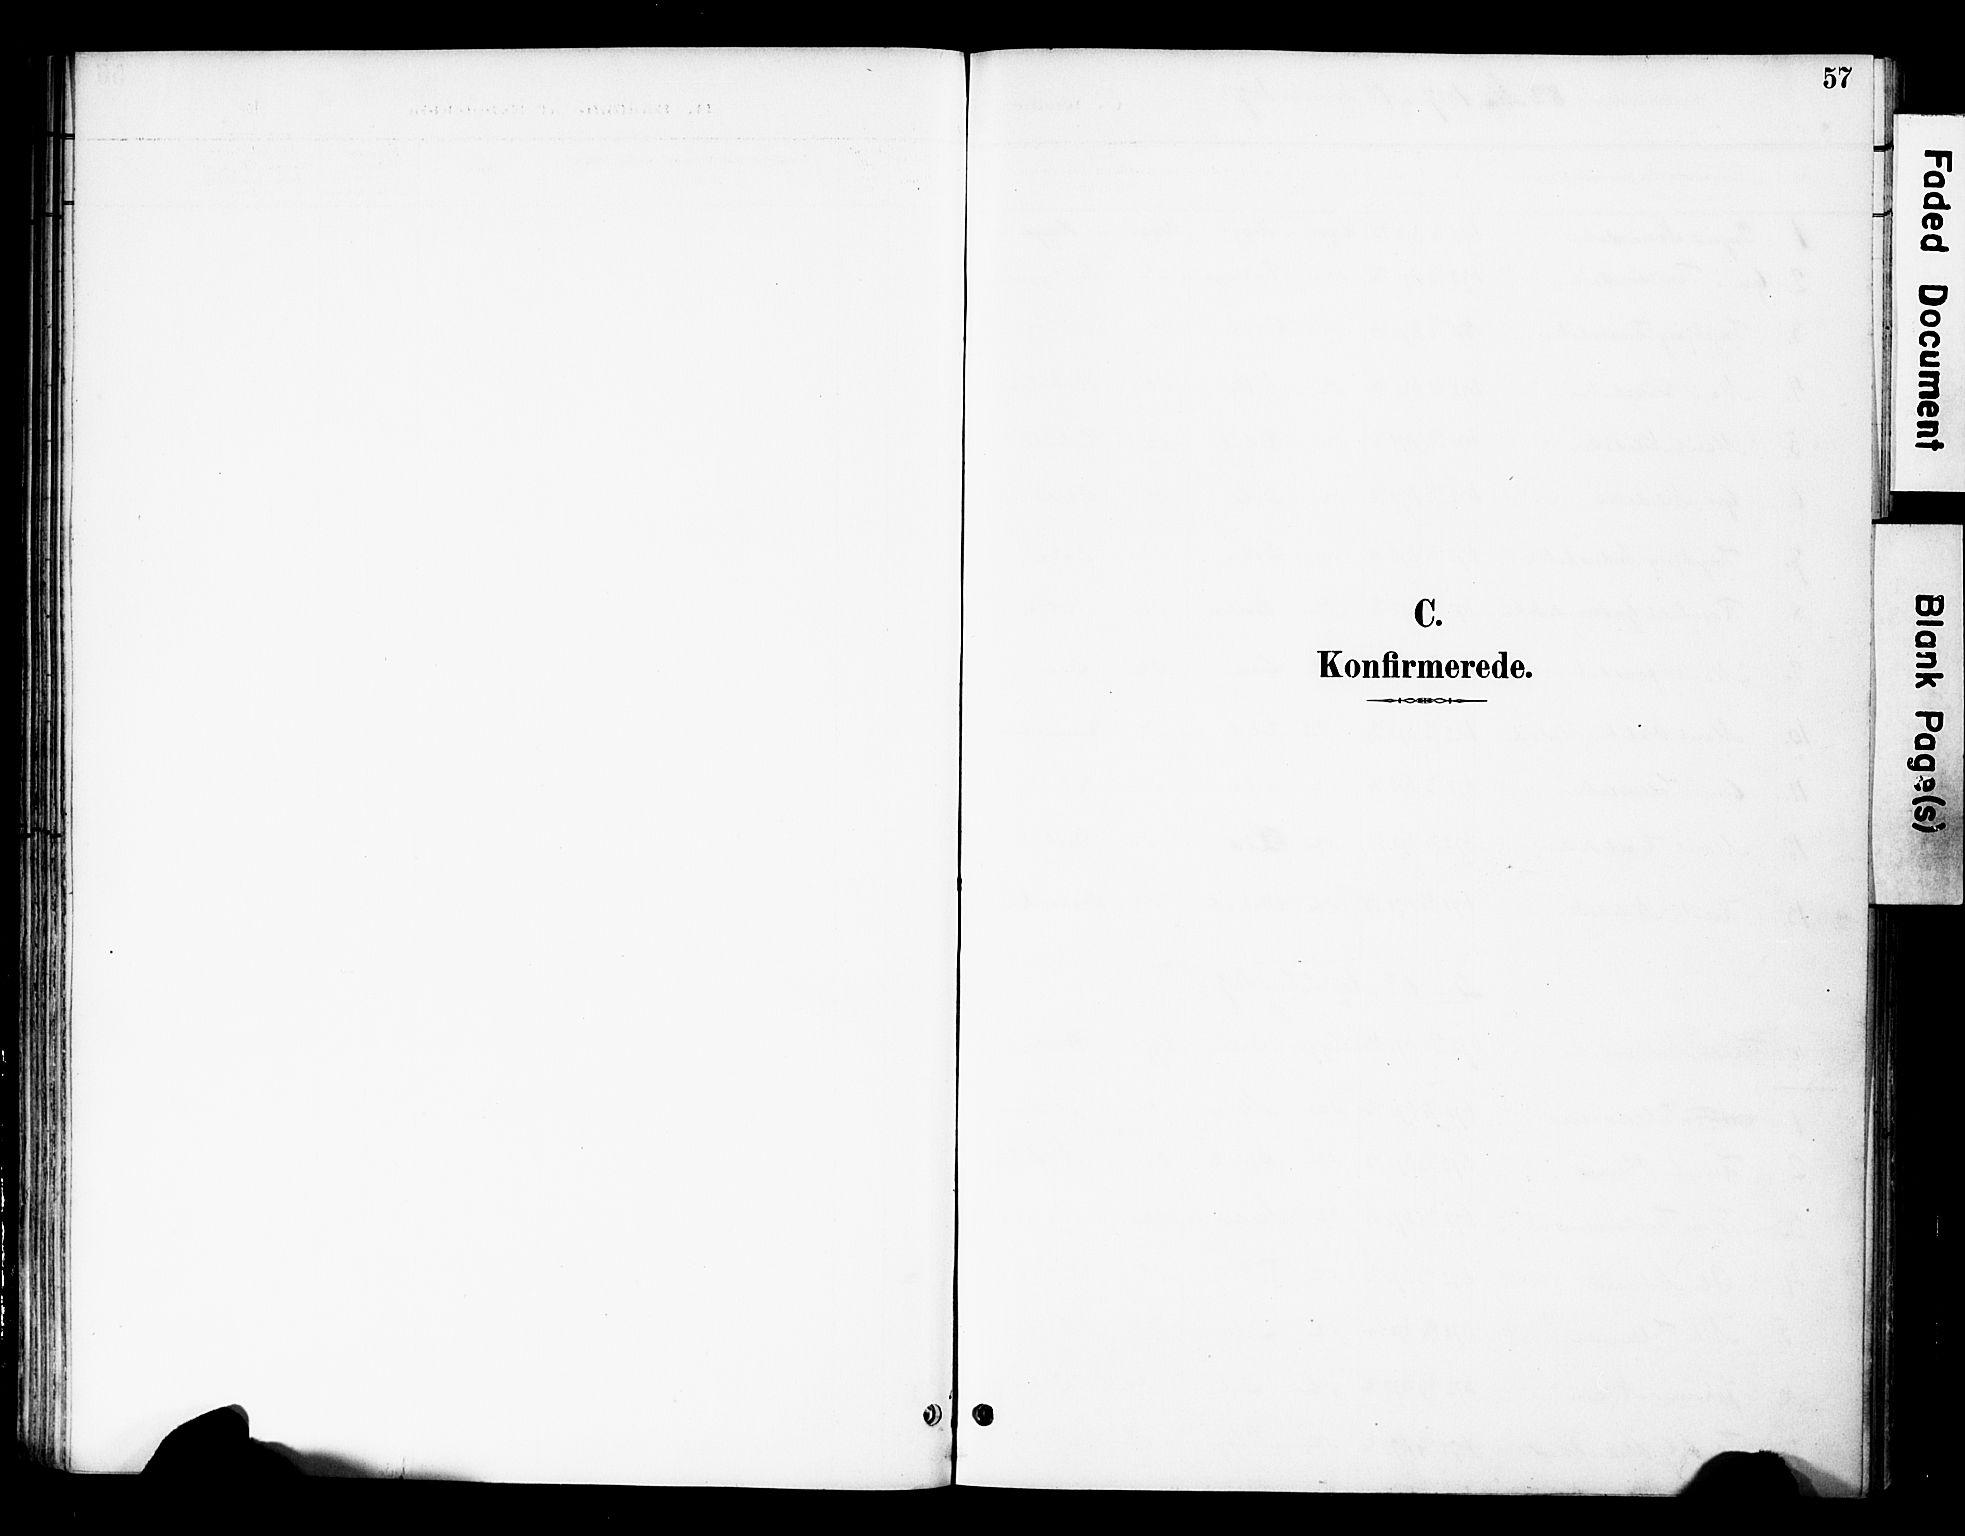 SAH, Øystre Slidre prestekontor, Ministerialbok nr. 4, 1887-1910, s. 57